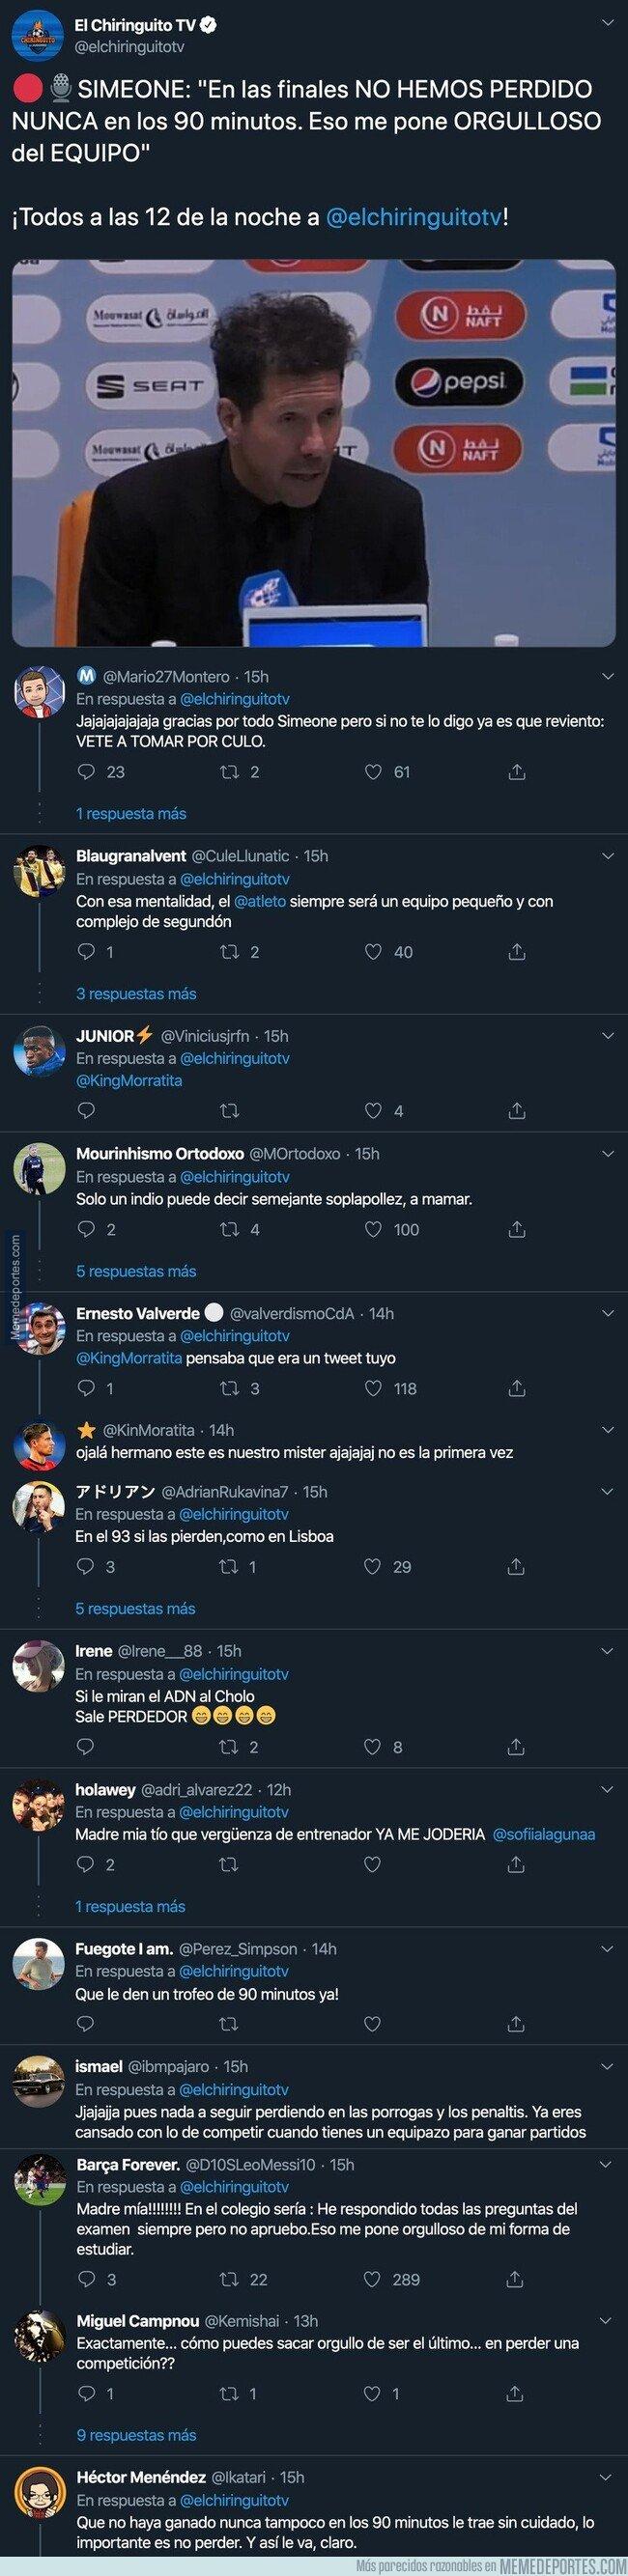 1095711 - La polémica frase que ha soltado Simeone tras perder contra el Real Madrid con la que están muy cabreados los colchoneros y los madridistas se están riendo